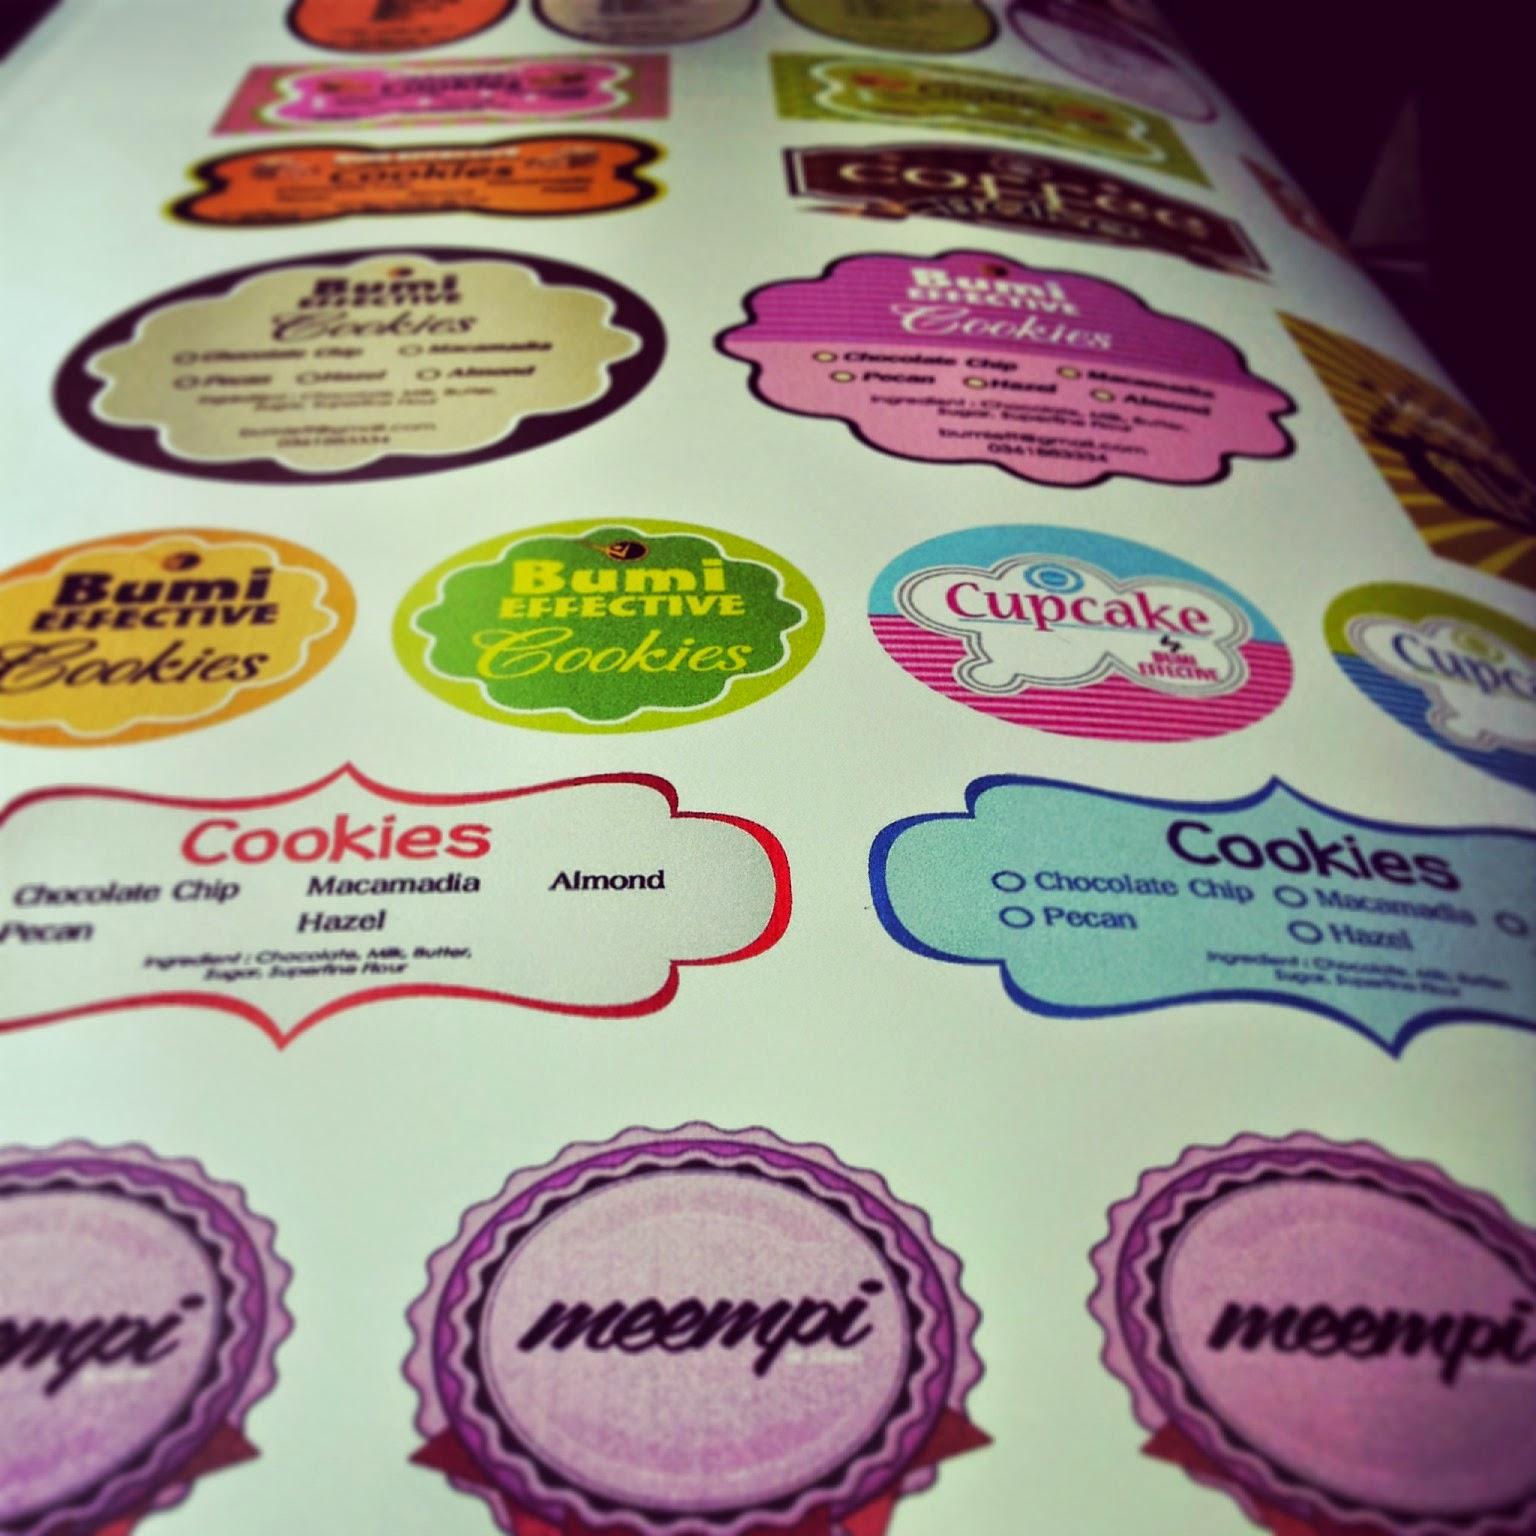 Sticker Meteran Barometer Digital Apparel Dan Stiker Vinil Kualitas Bagus Produk Kreatif Berbasis Printing